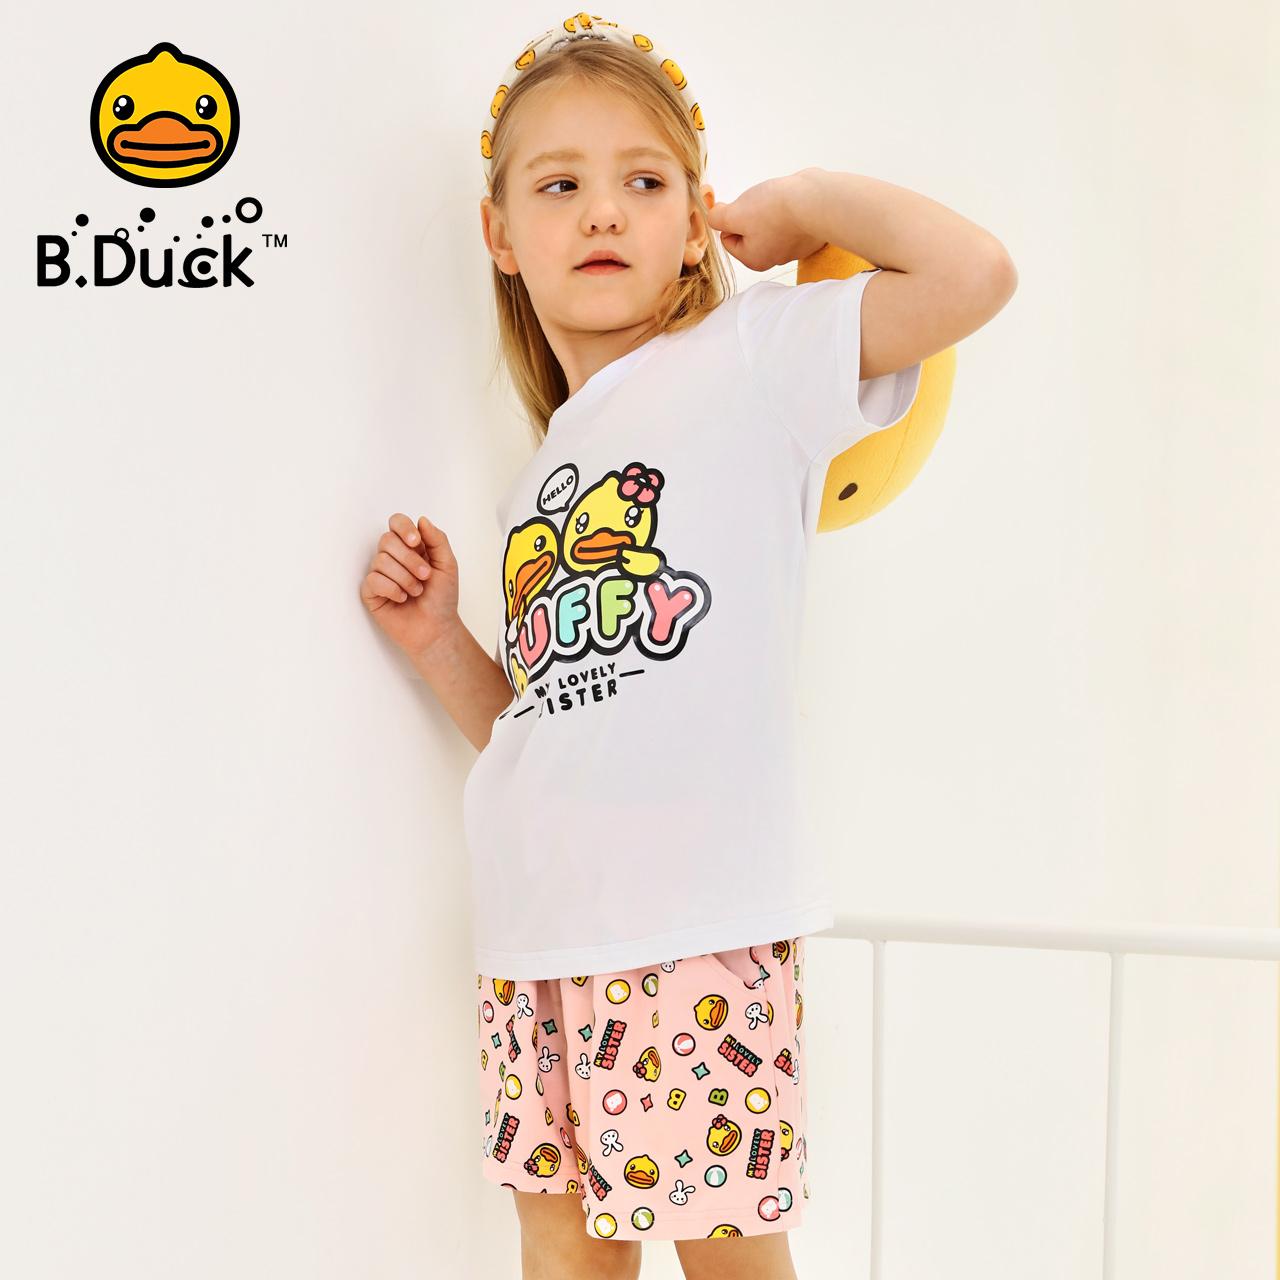 B.duck小黄鸭童装女童套装夏季新款洋气针织休闲短裤潮童圆领短袖